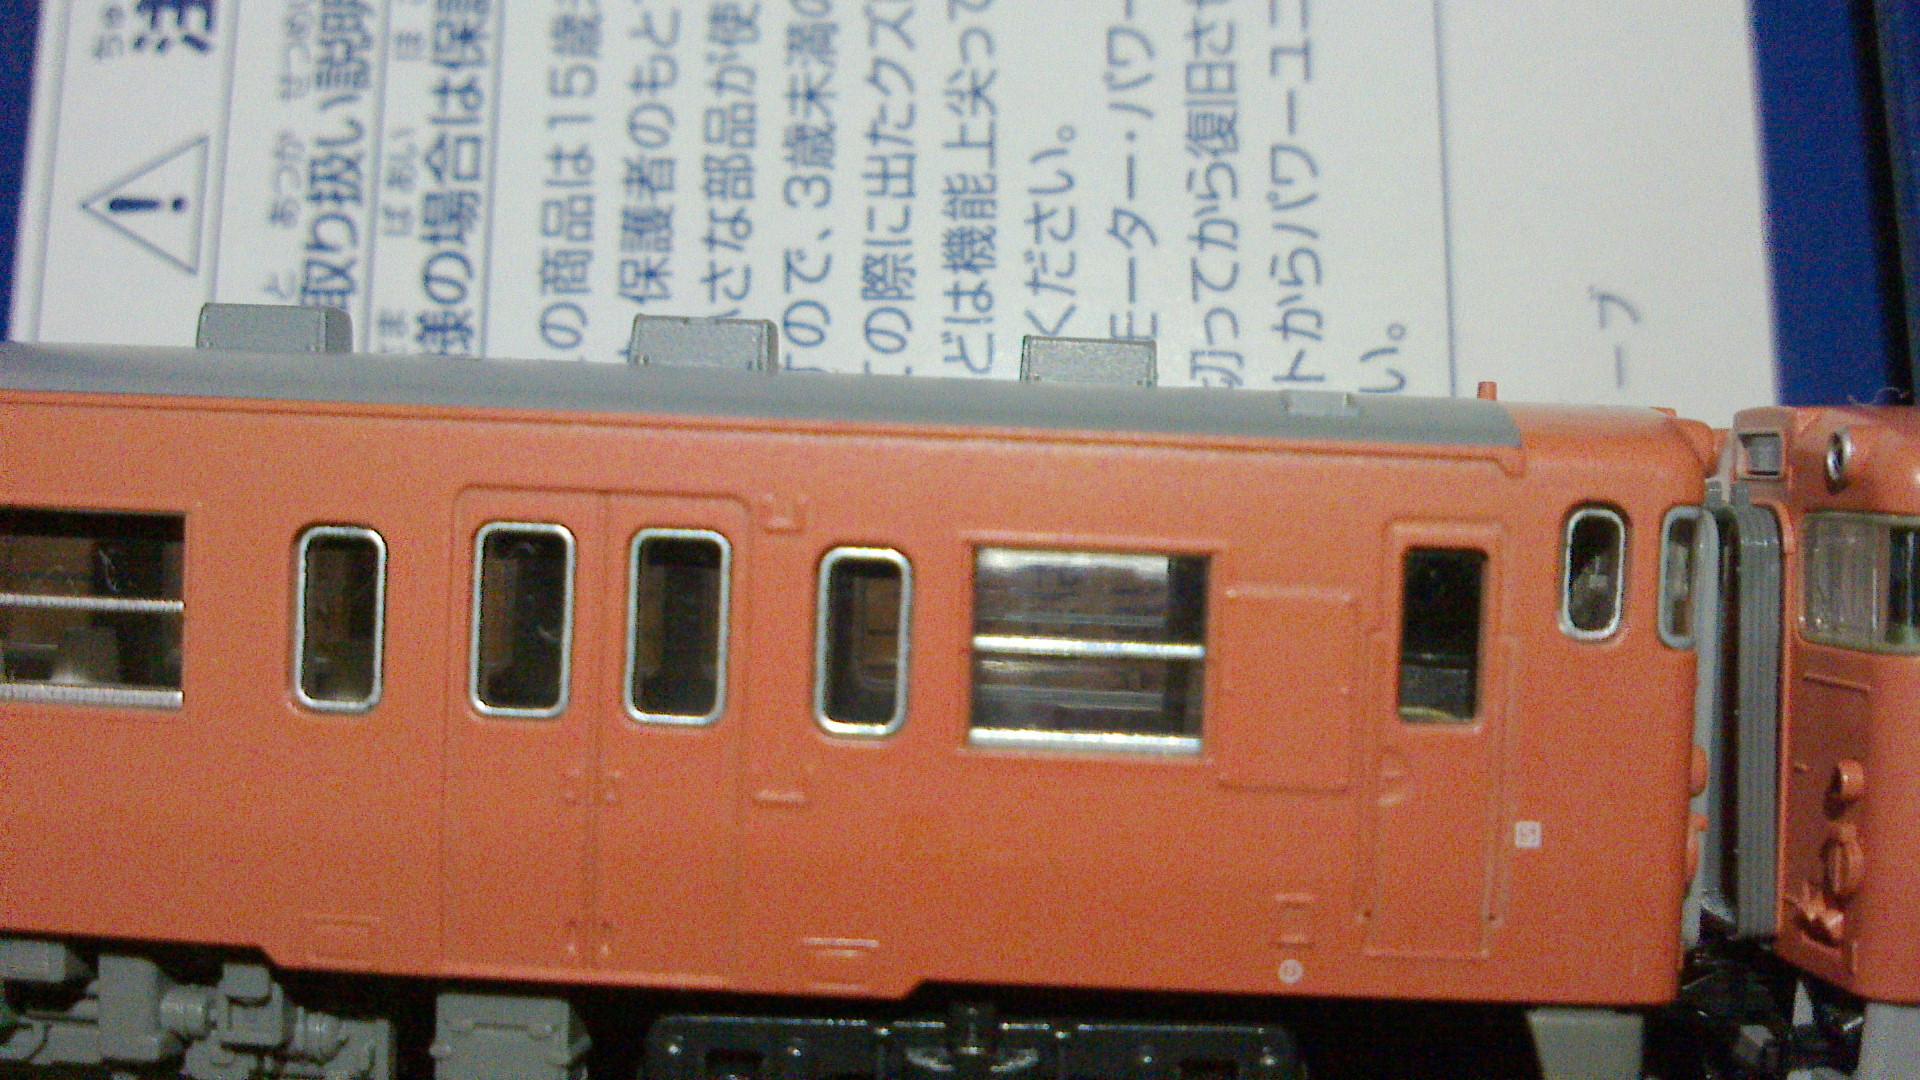 NEC_0965.jpg